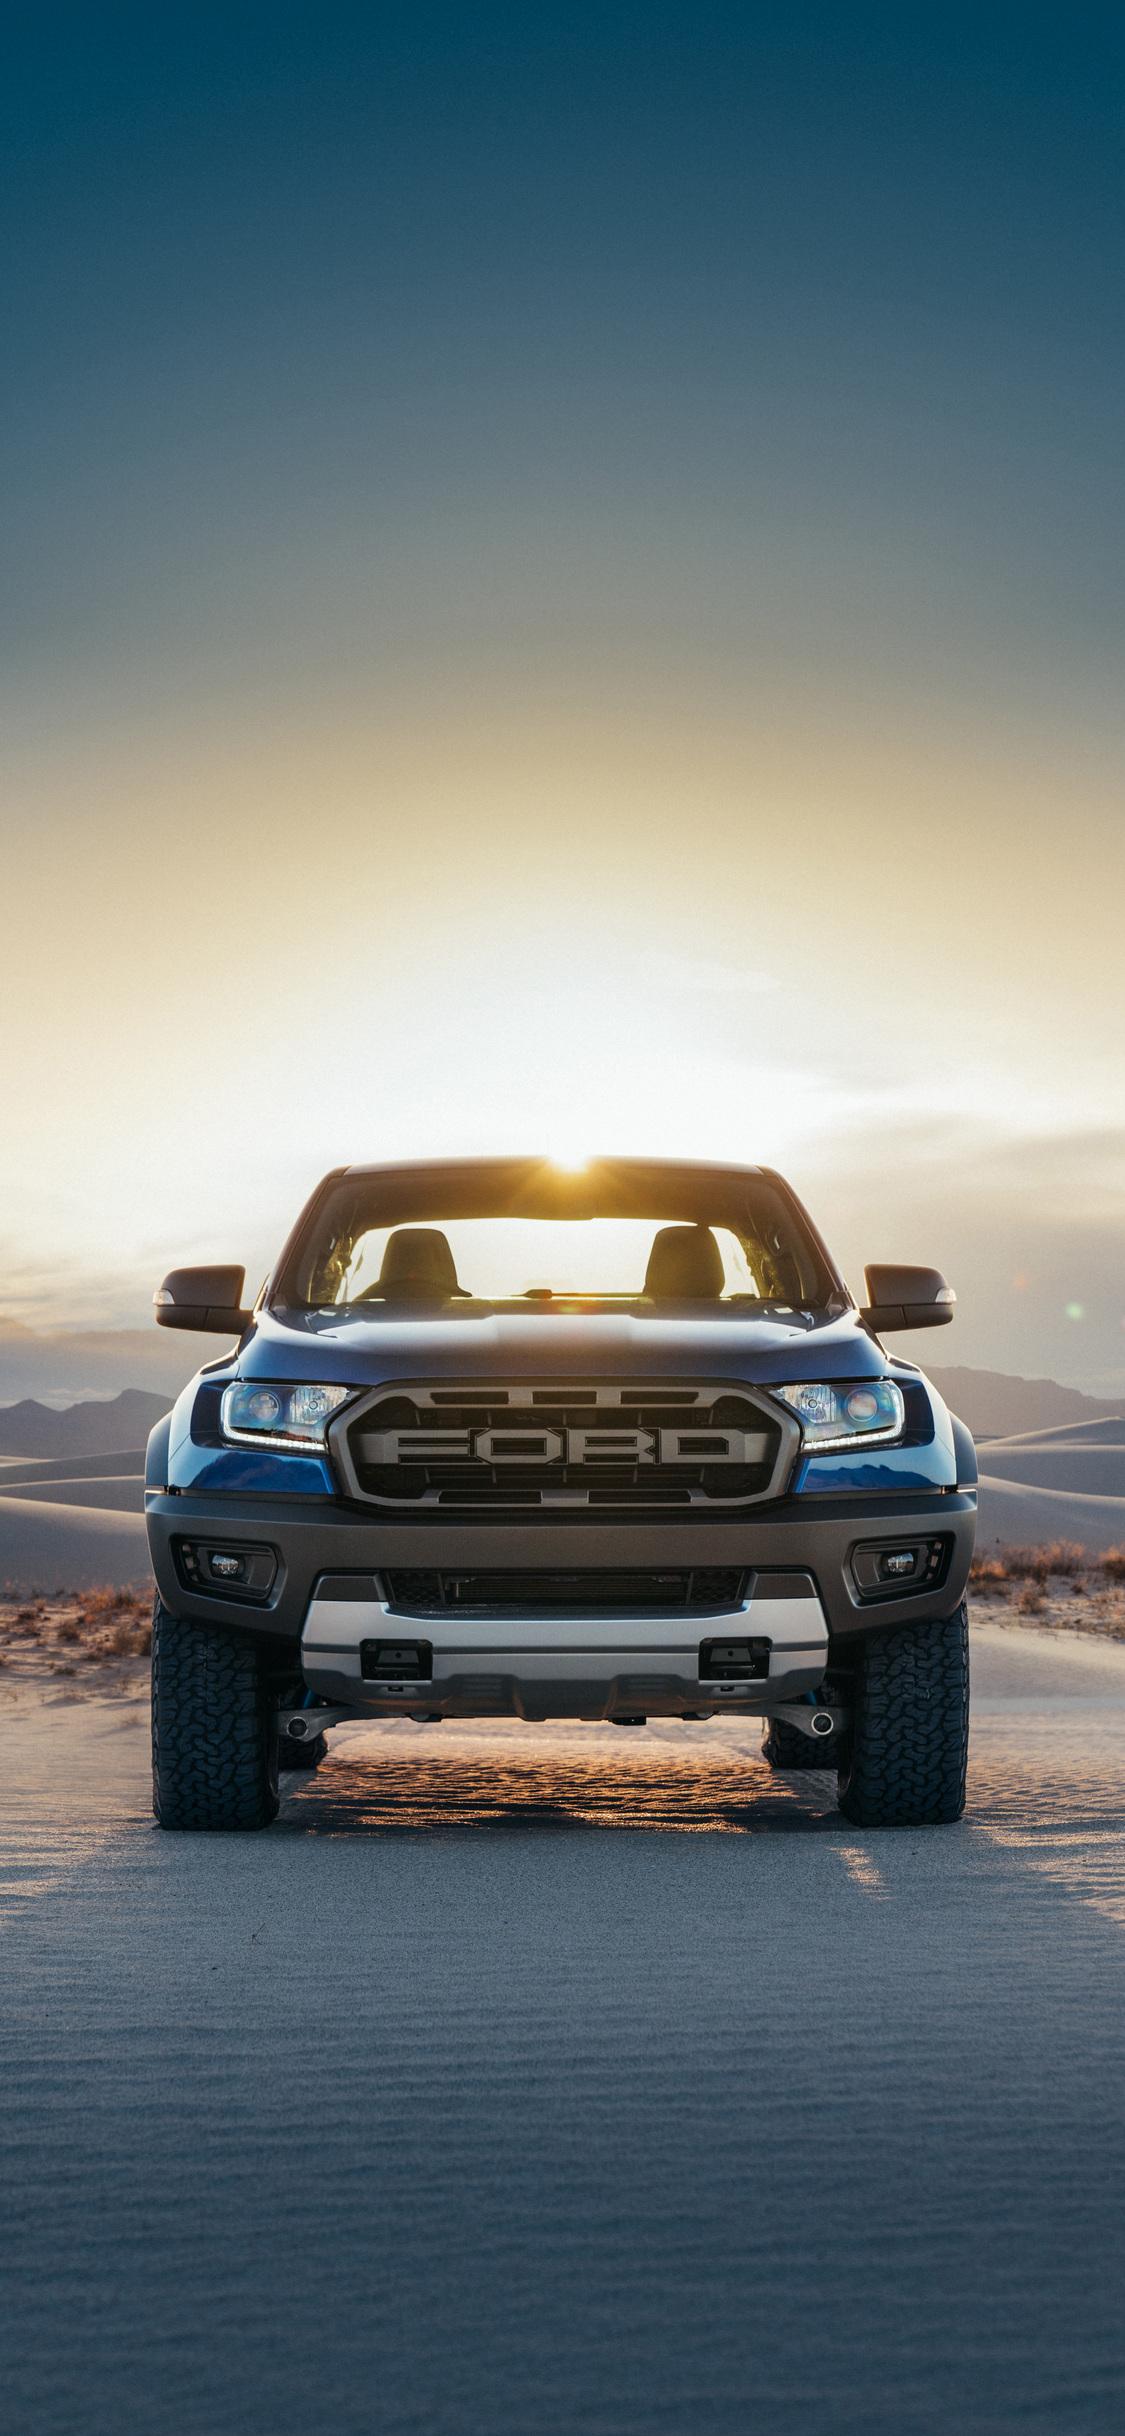 Ford Ranger Wallpaper Iphone 2020 Ford Ranger Bullbar